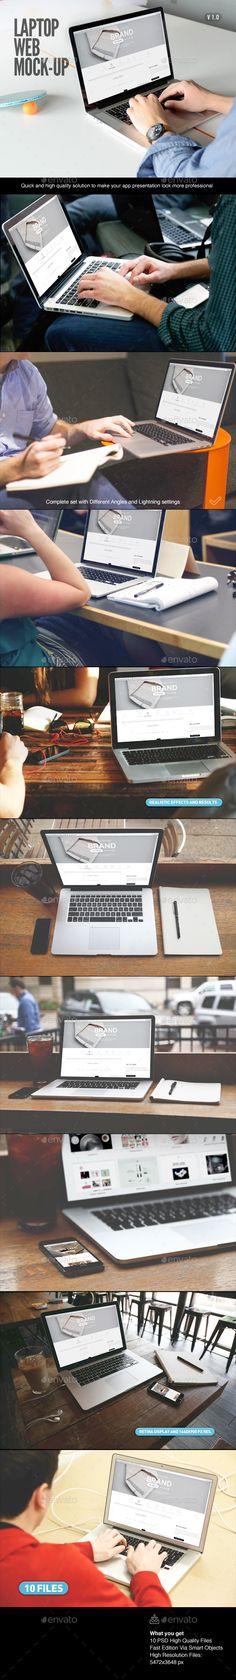 Laptop   Web App Mock-Up #design Download: http://graphicriver.net/item/laptop-web-app-mockup/10897896?ref=ksioks